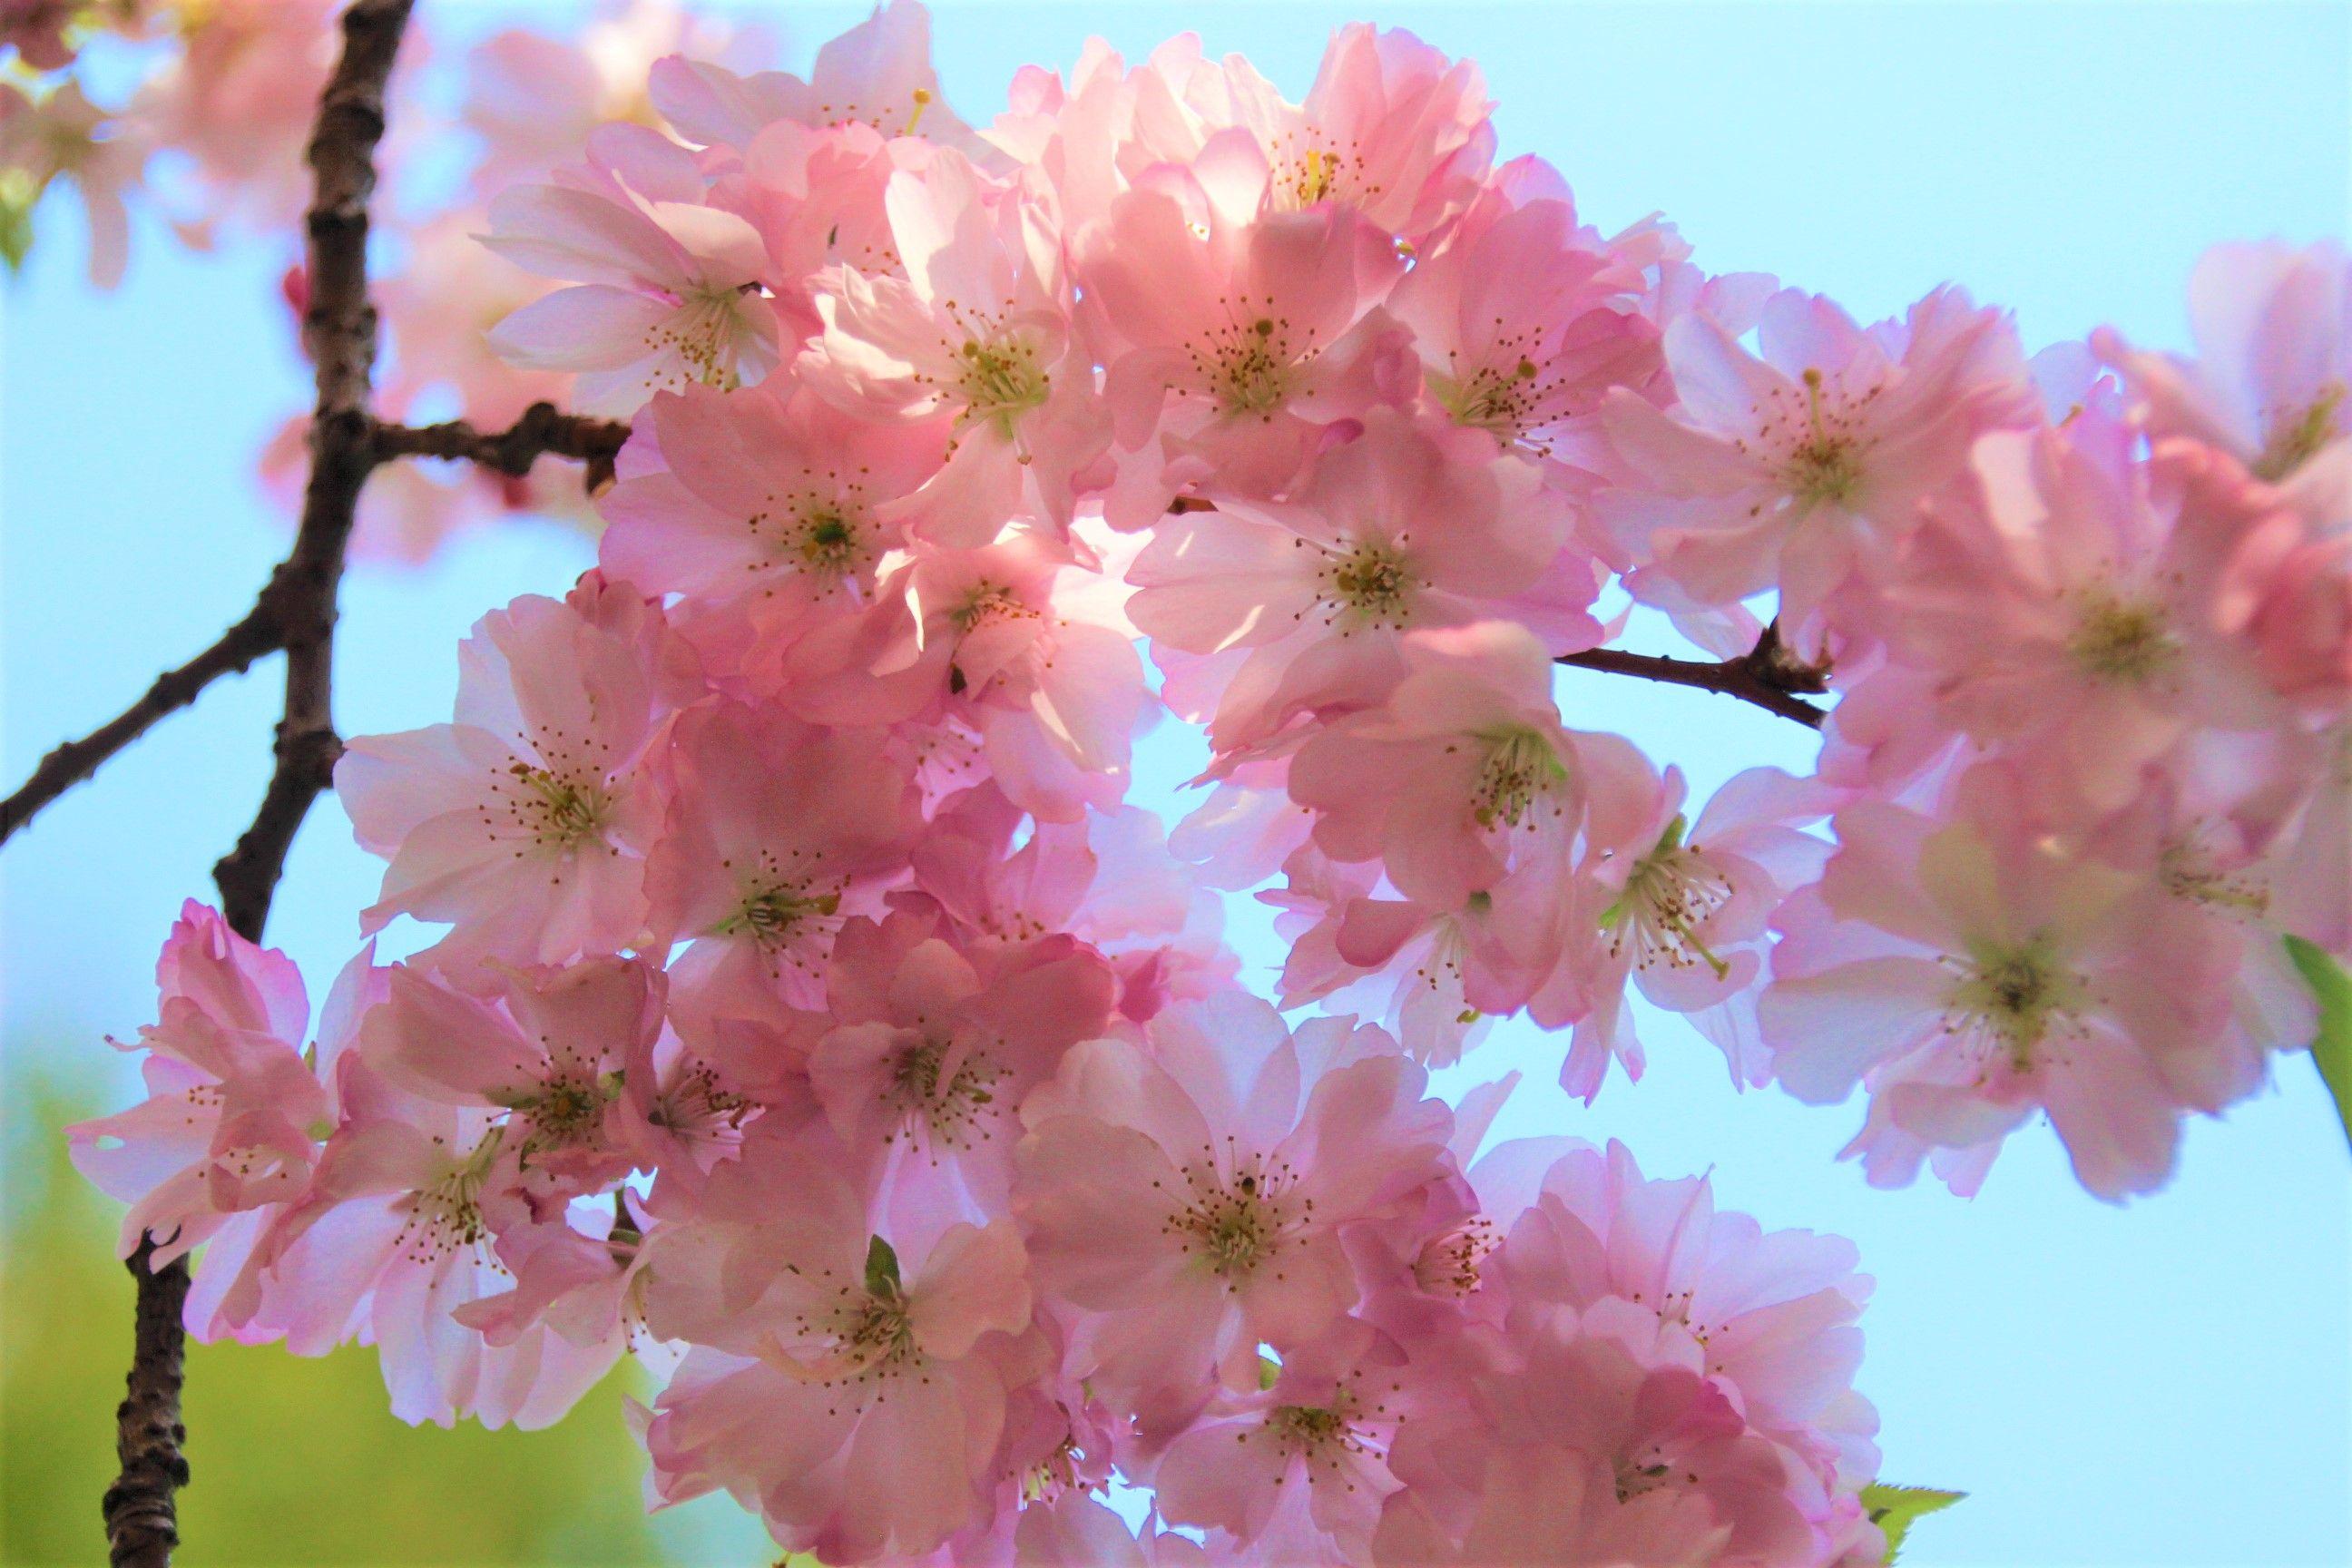 Garten Der Welt Garten Sady Mira Der Japanische Garten Vodopady S Karpami V Temu Cvetenie Sakury Kamennyj Mo Ausflug Visit Berlin Garten